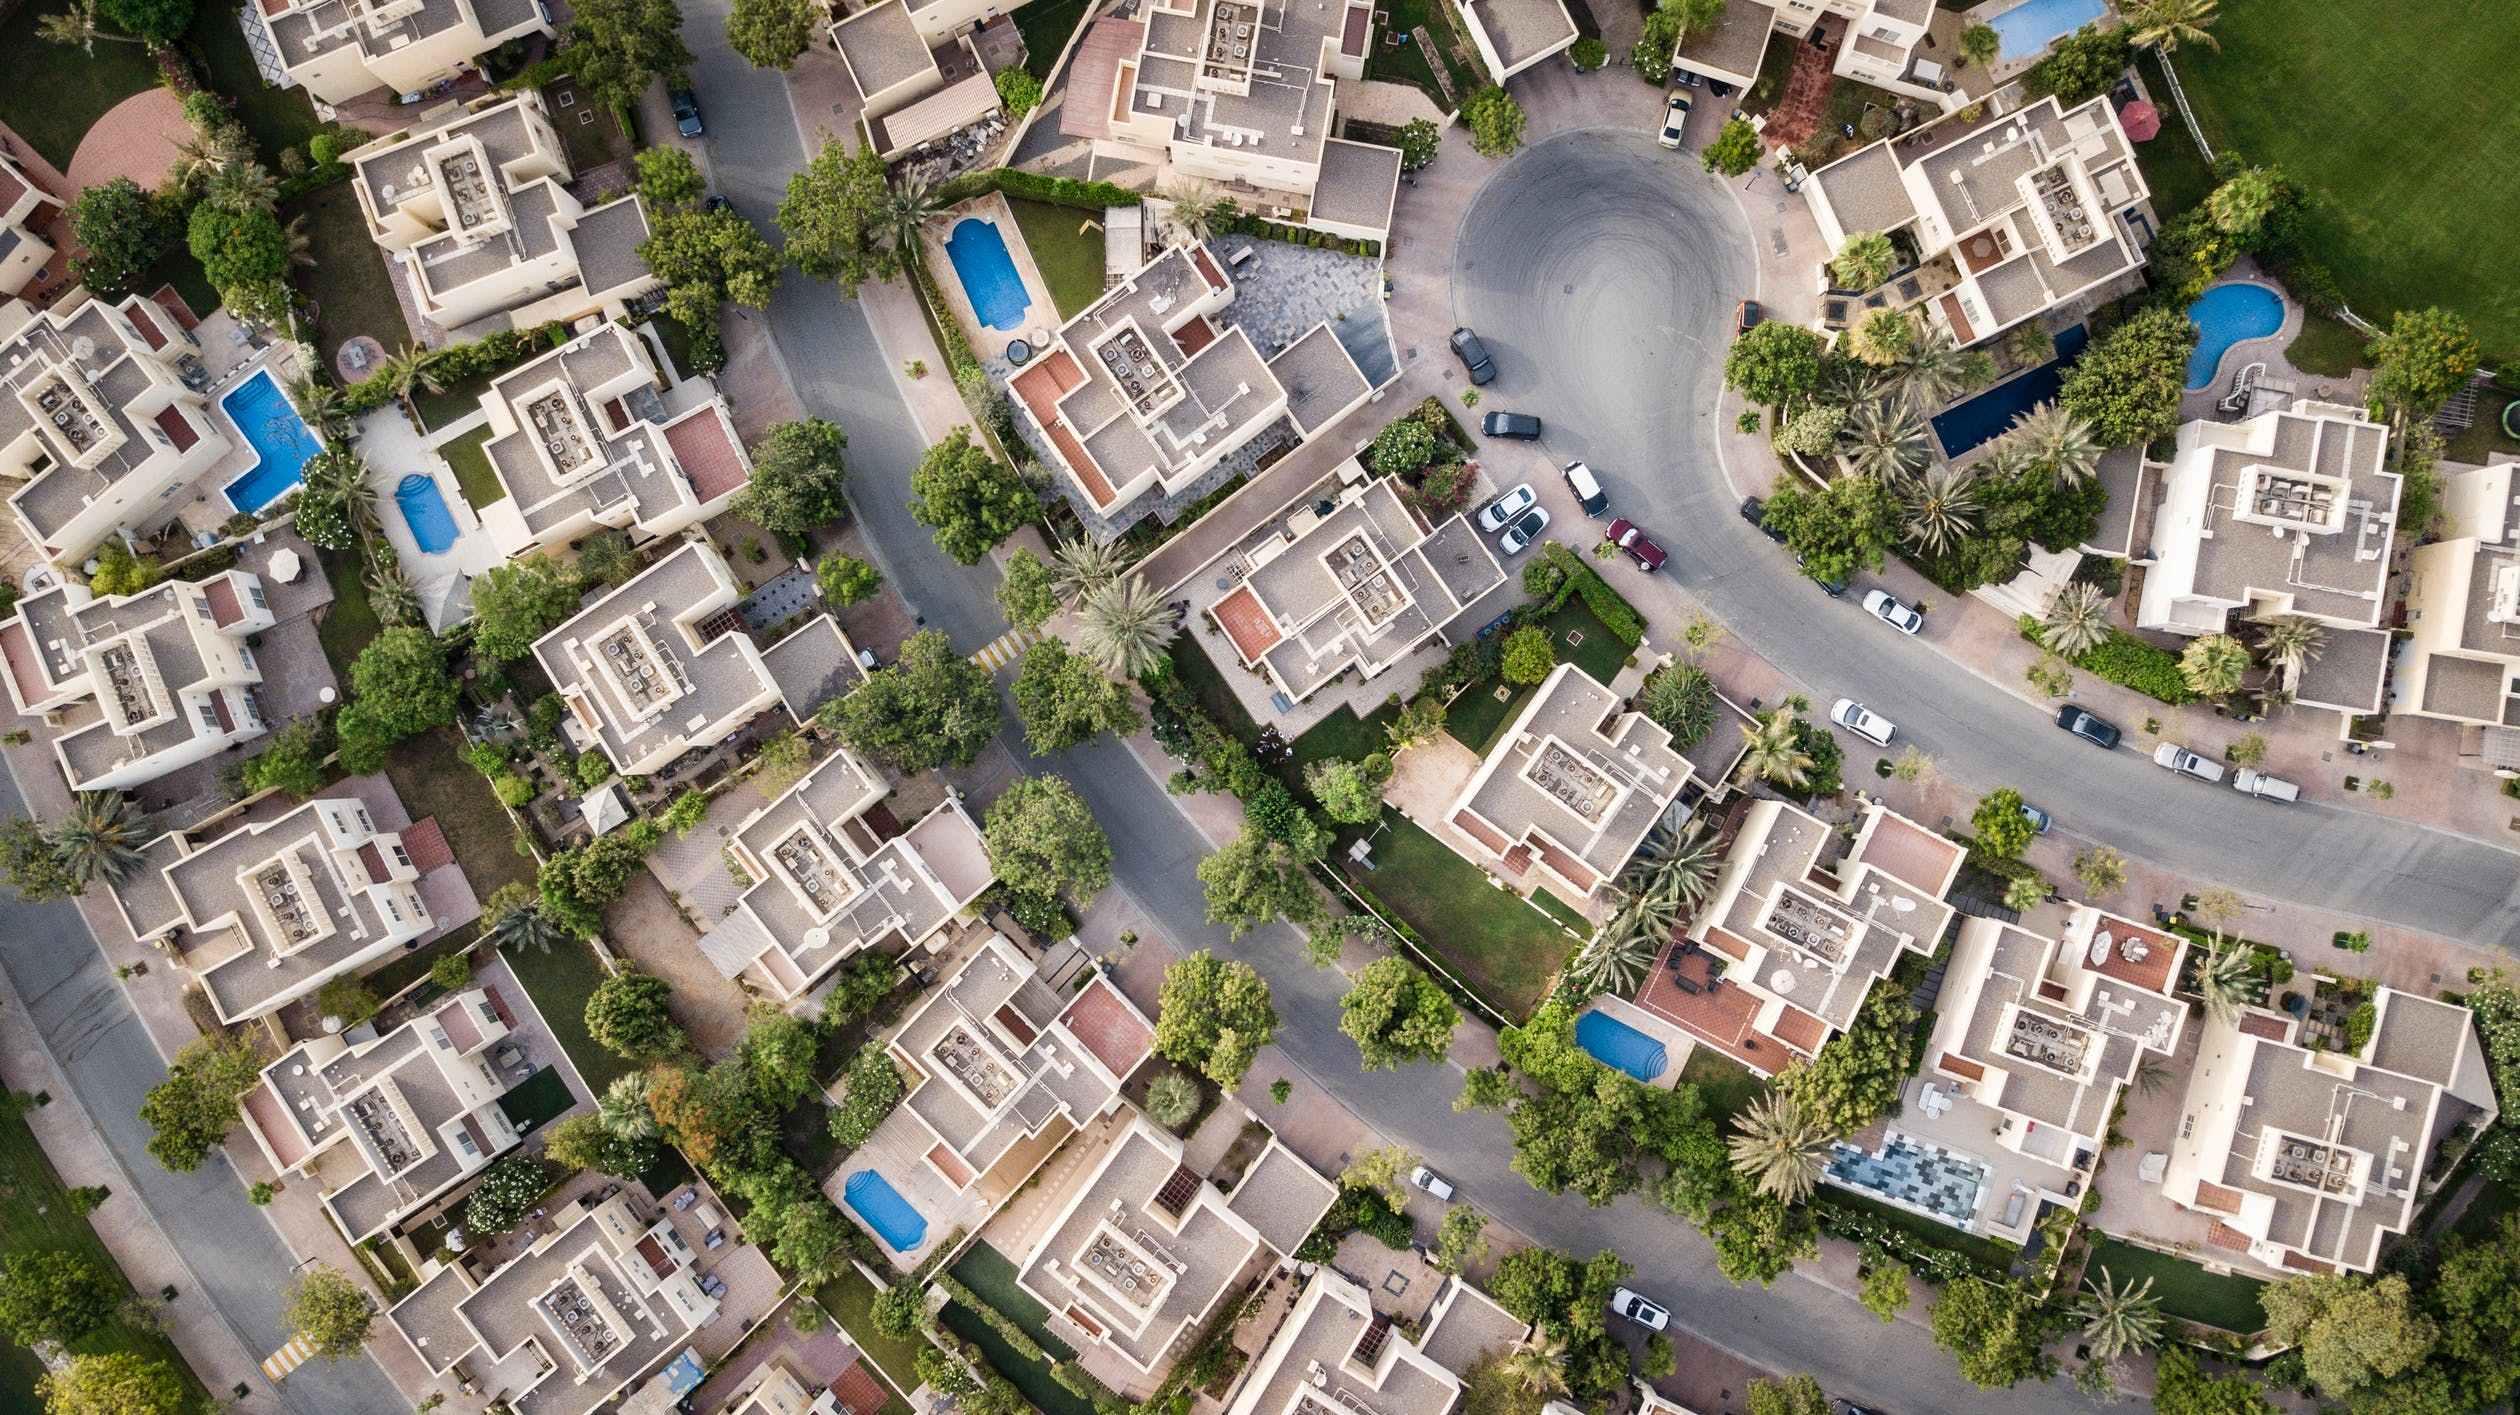 广西南宁发租赁市场货币补贴新政,直接发钱补贴会怎么影响房租?